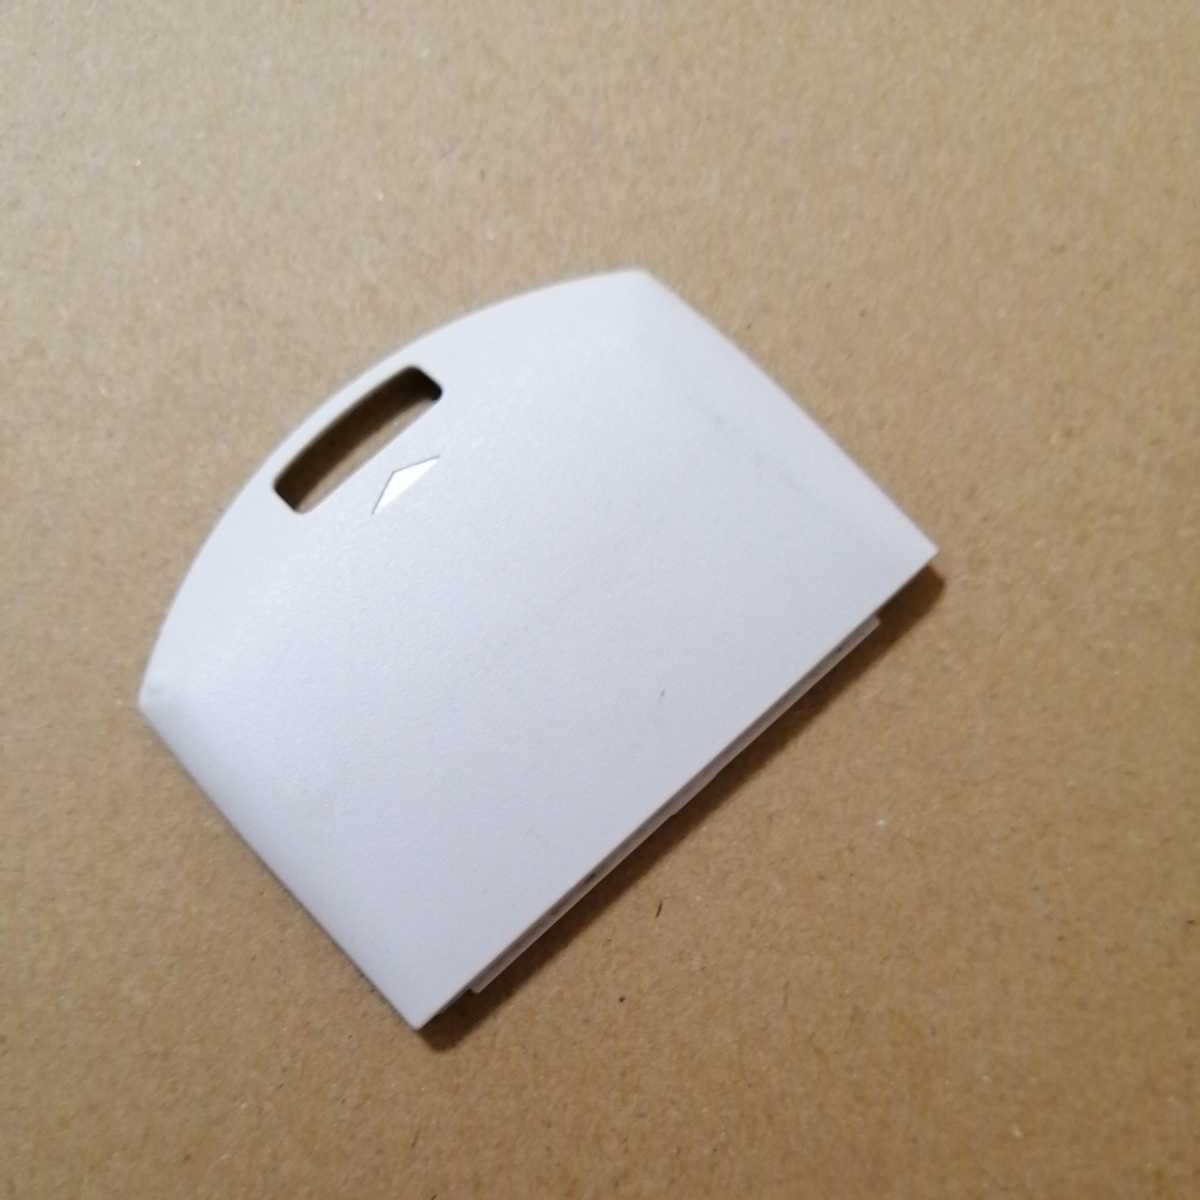 PSP-1000 ホワイト バッテリーカバー 純正品